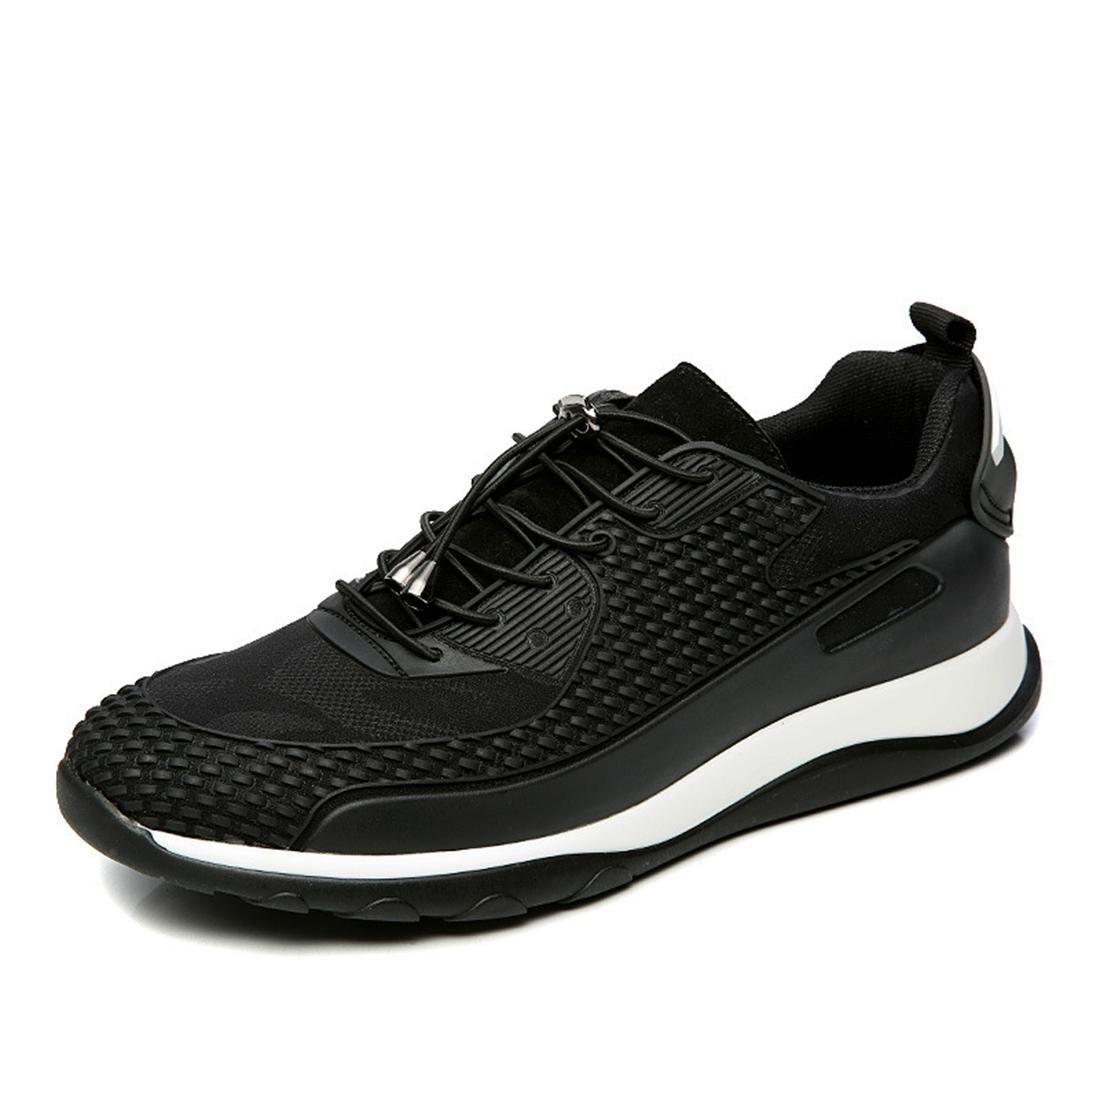 Herren Atmungsaktiv Sportschuhe Rutschfest Laufschuhe Trainer Flache Schuhe Licht Gemütlich Lässige Schuhe EUR GRÖSSE 38-44